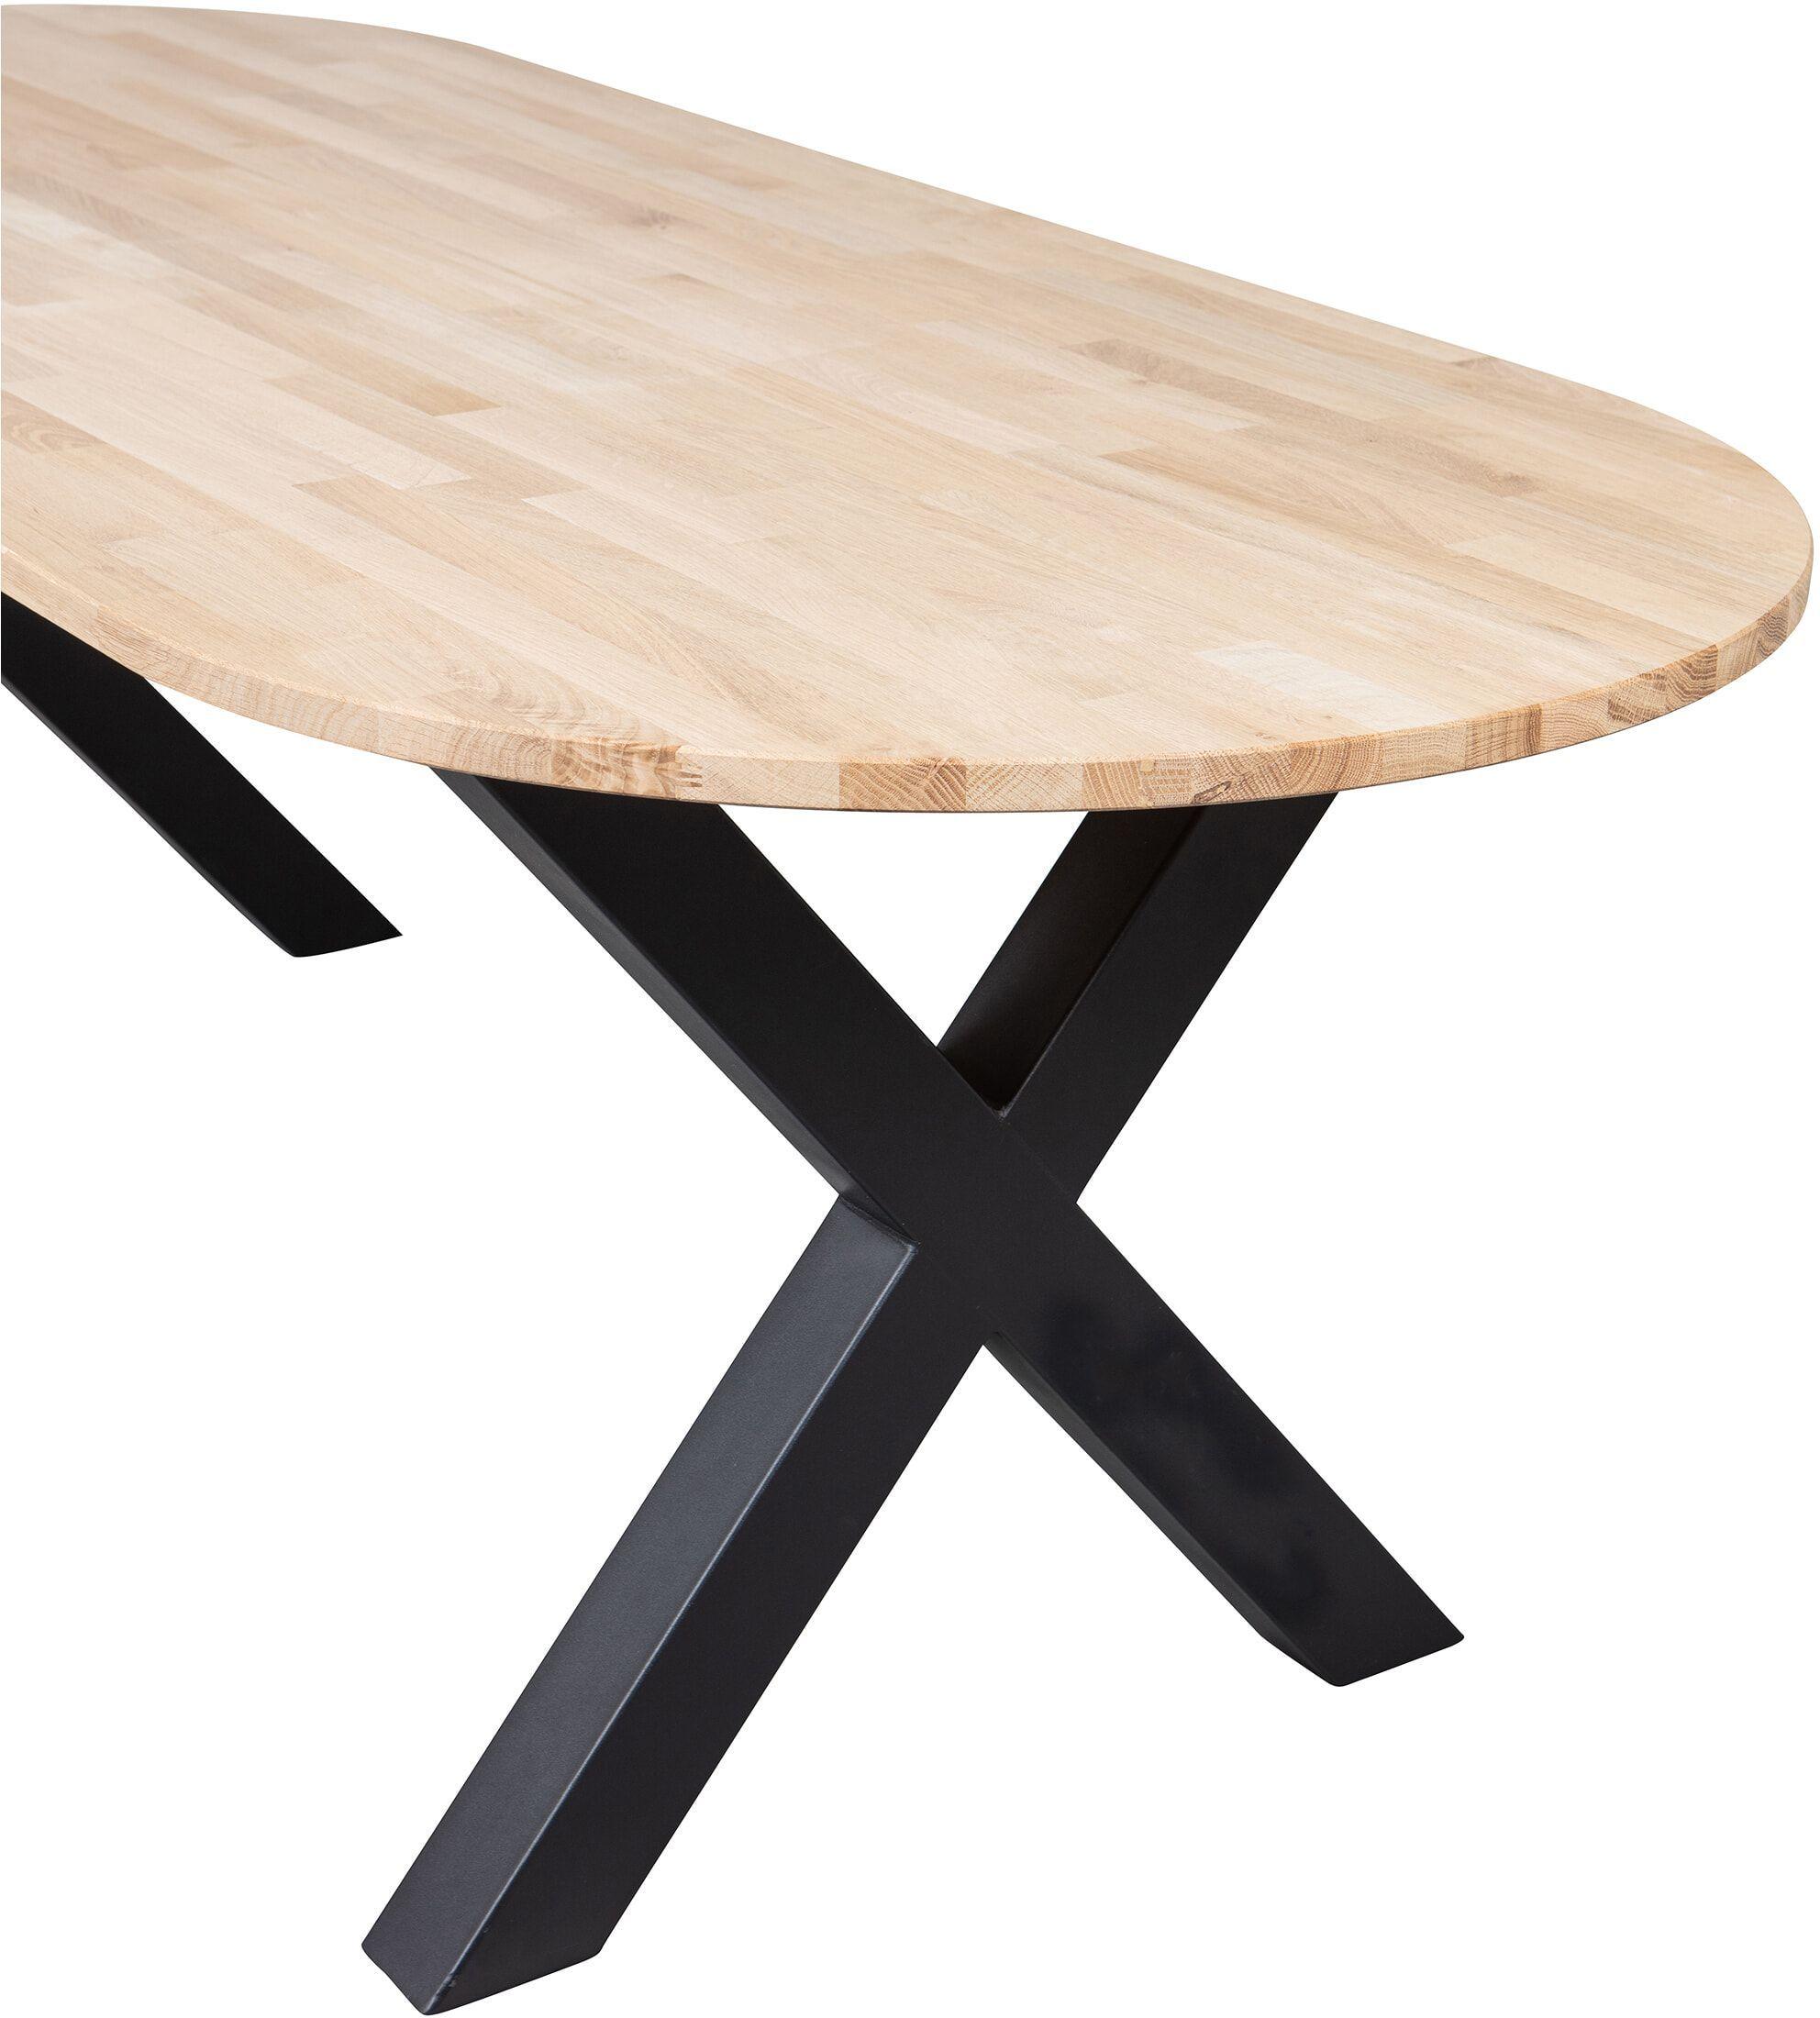 WOOOD Ovale Eettafel 'Tablo' met X-poot, 220 x 90cm